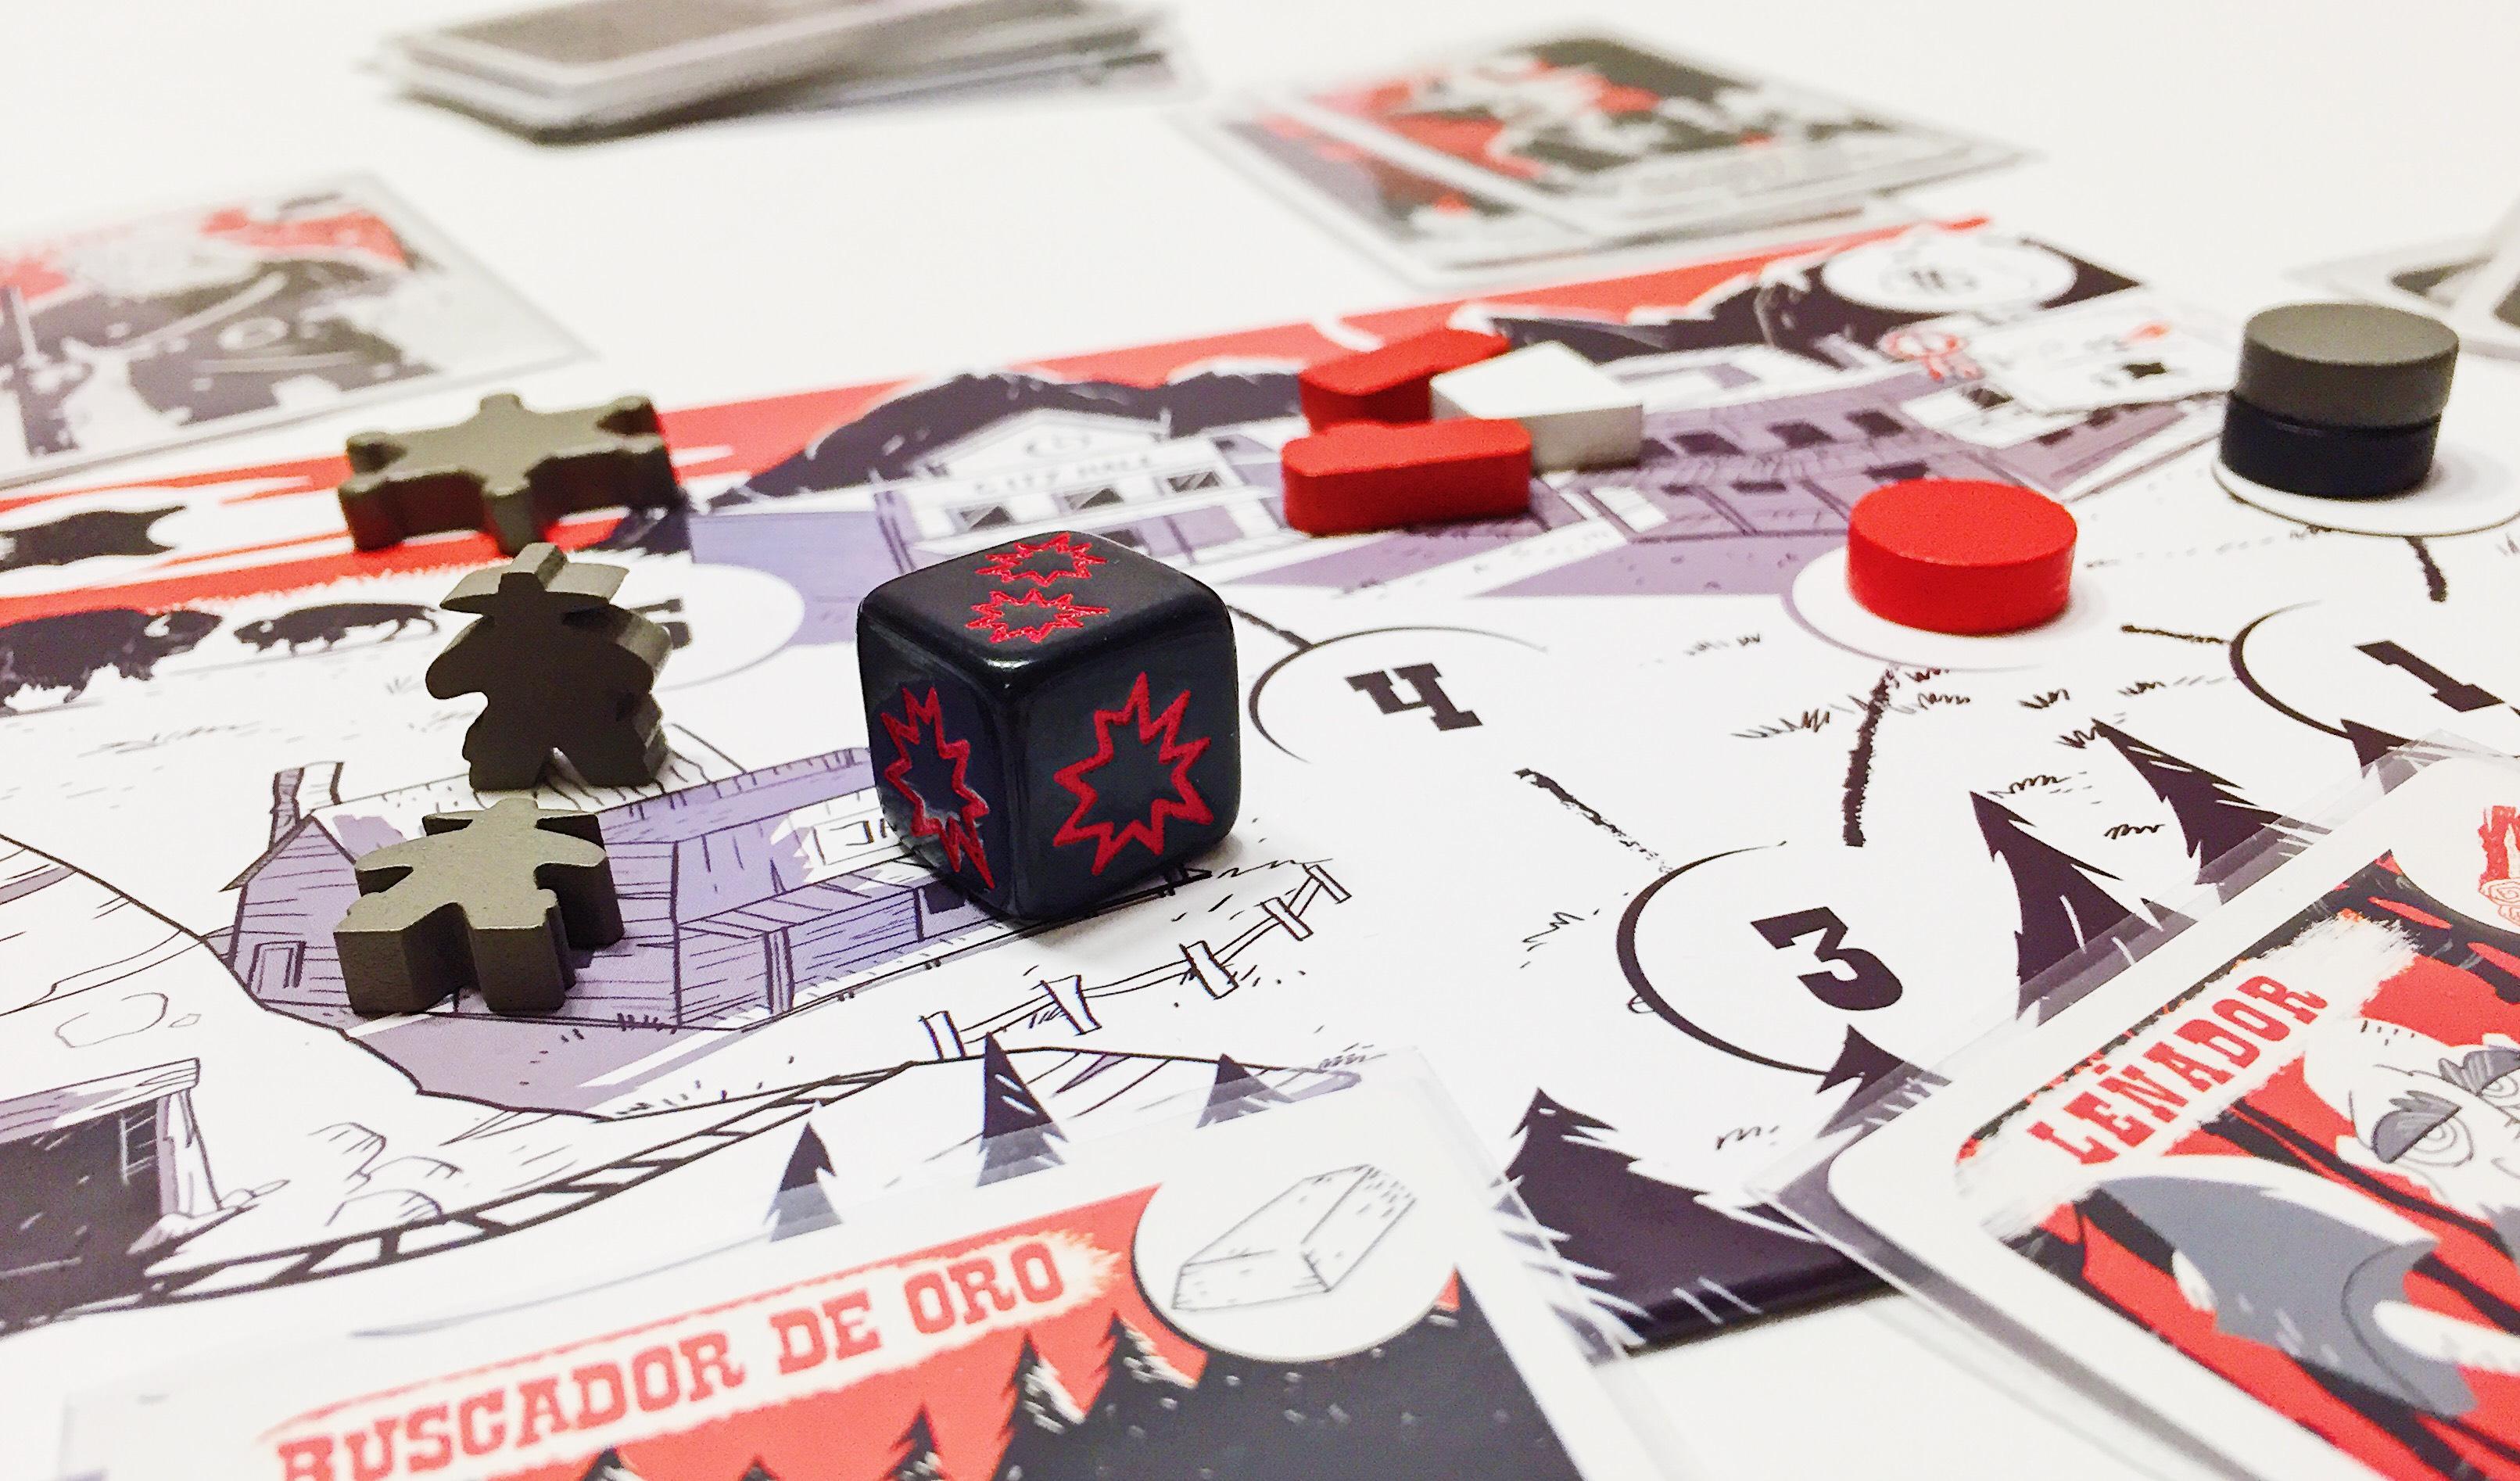 Diseñando un producto: Diario de un juego de mesa